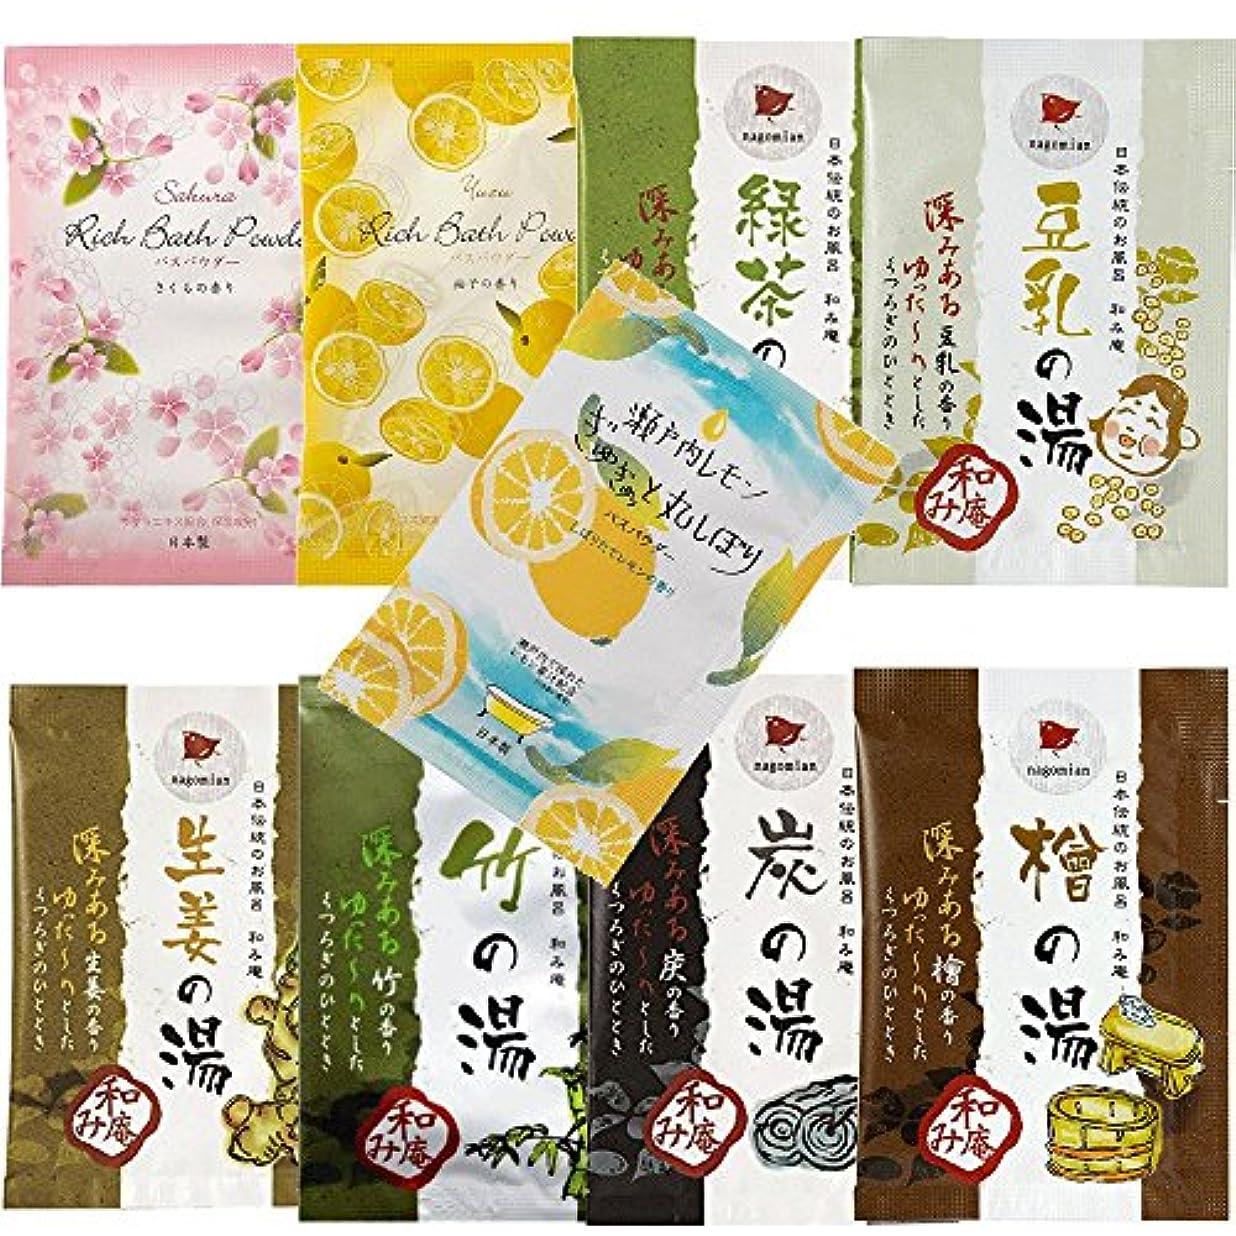 コーンネックレス前提条件日本伝統のお風呂 和み庵 6種類 + バスパウダー 3種類セット 和風入浴剤 9包セット